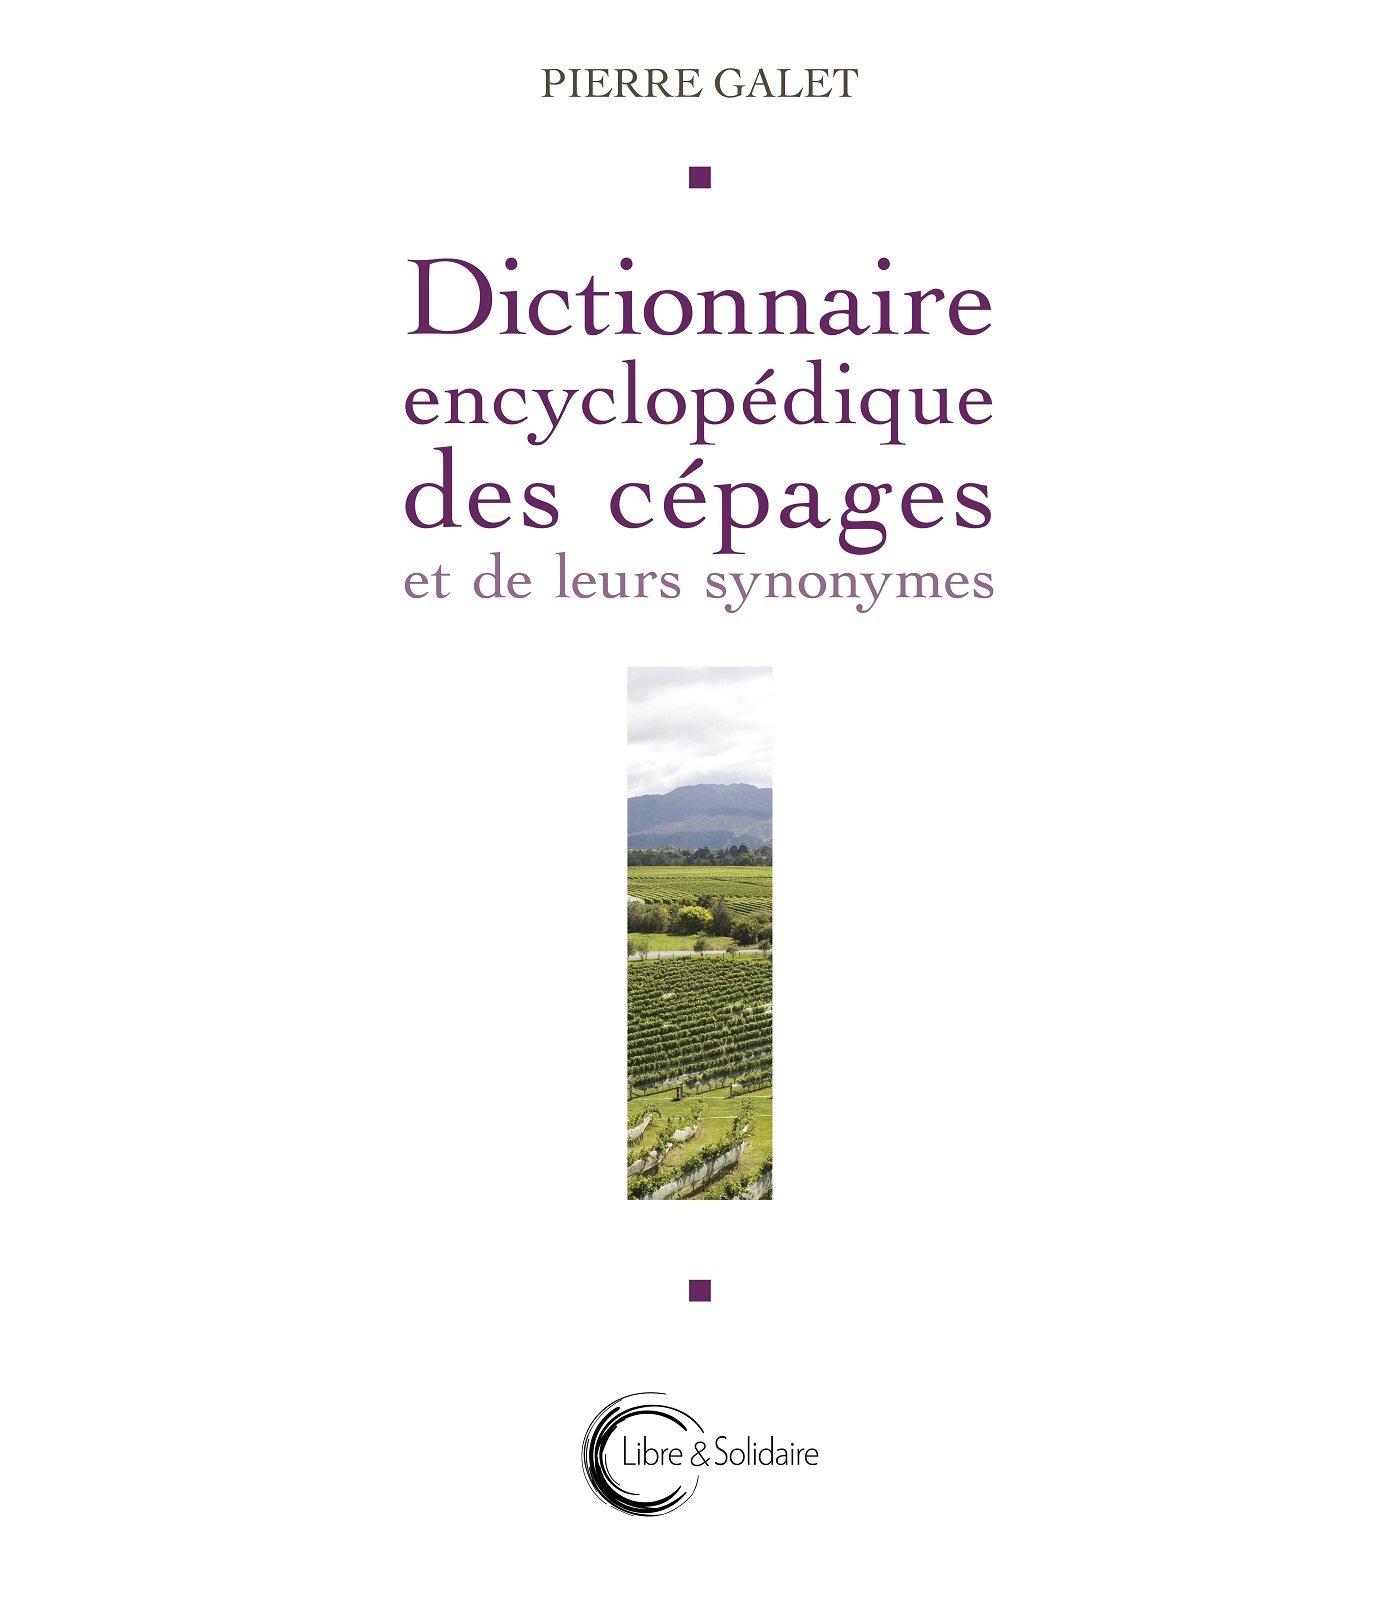 Dictionnaire encyclopédique des cepages Relié – 1 avril 2015 Pierre Galet Libre & Solidaire 2847300368 Sciences / Agriculture